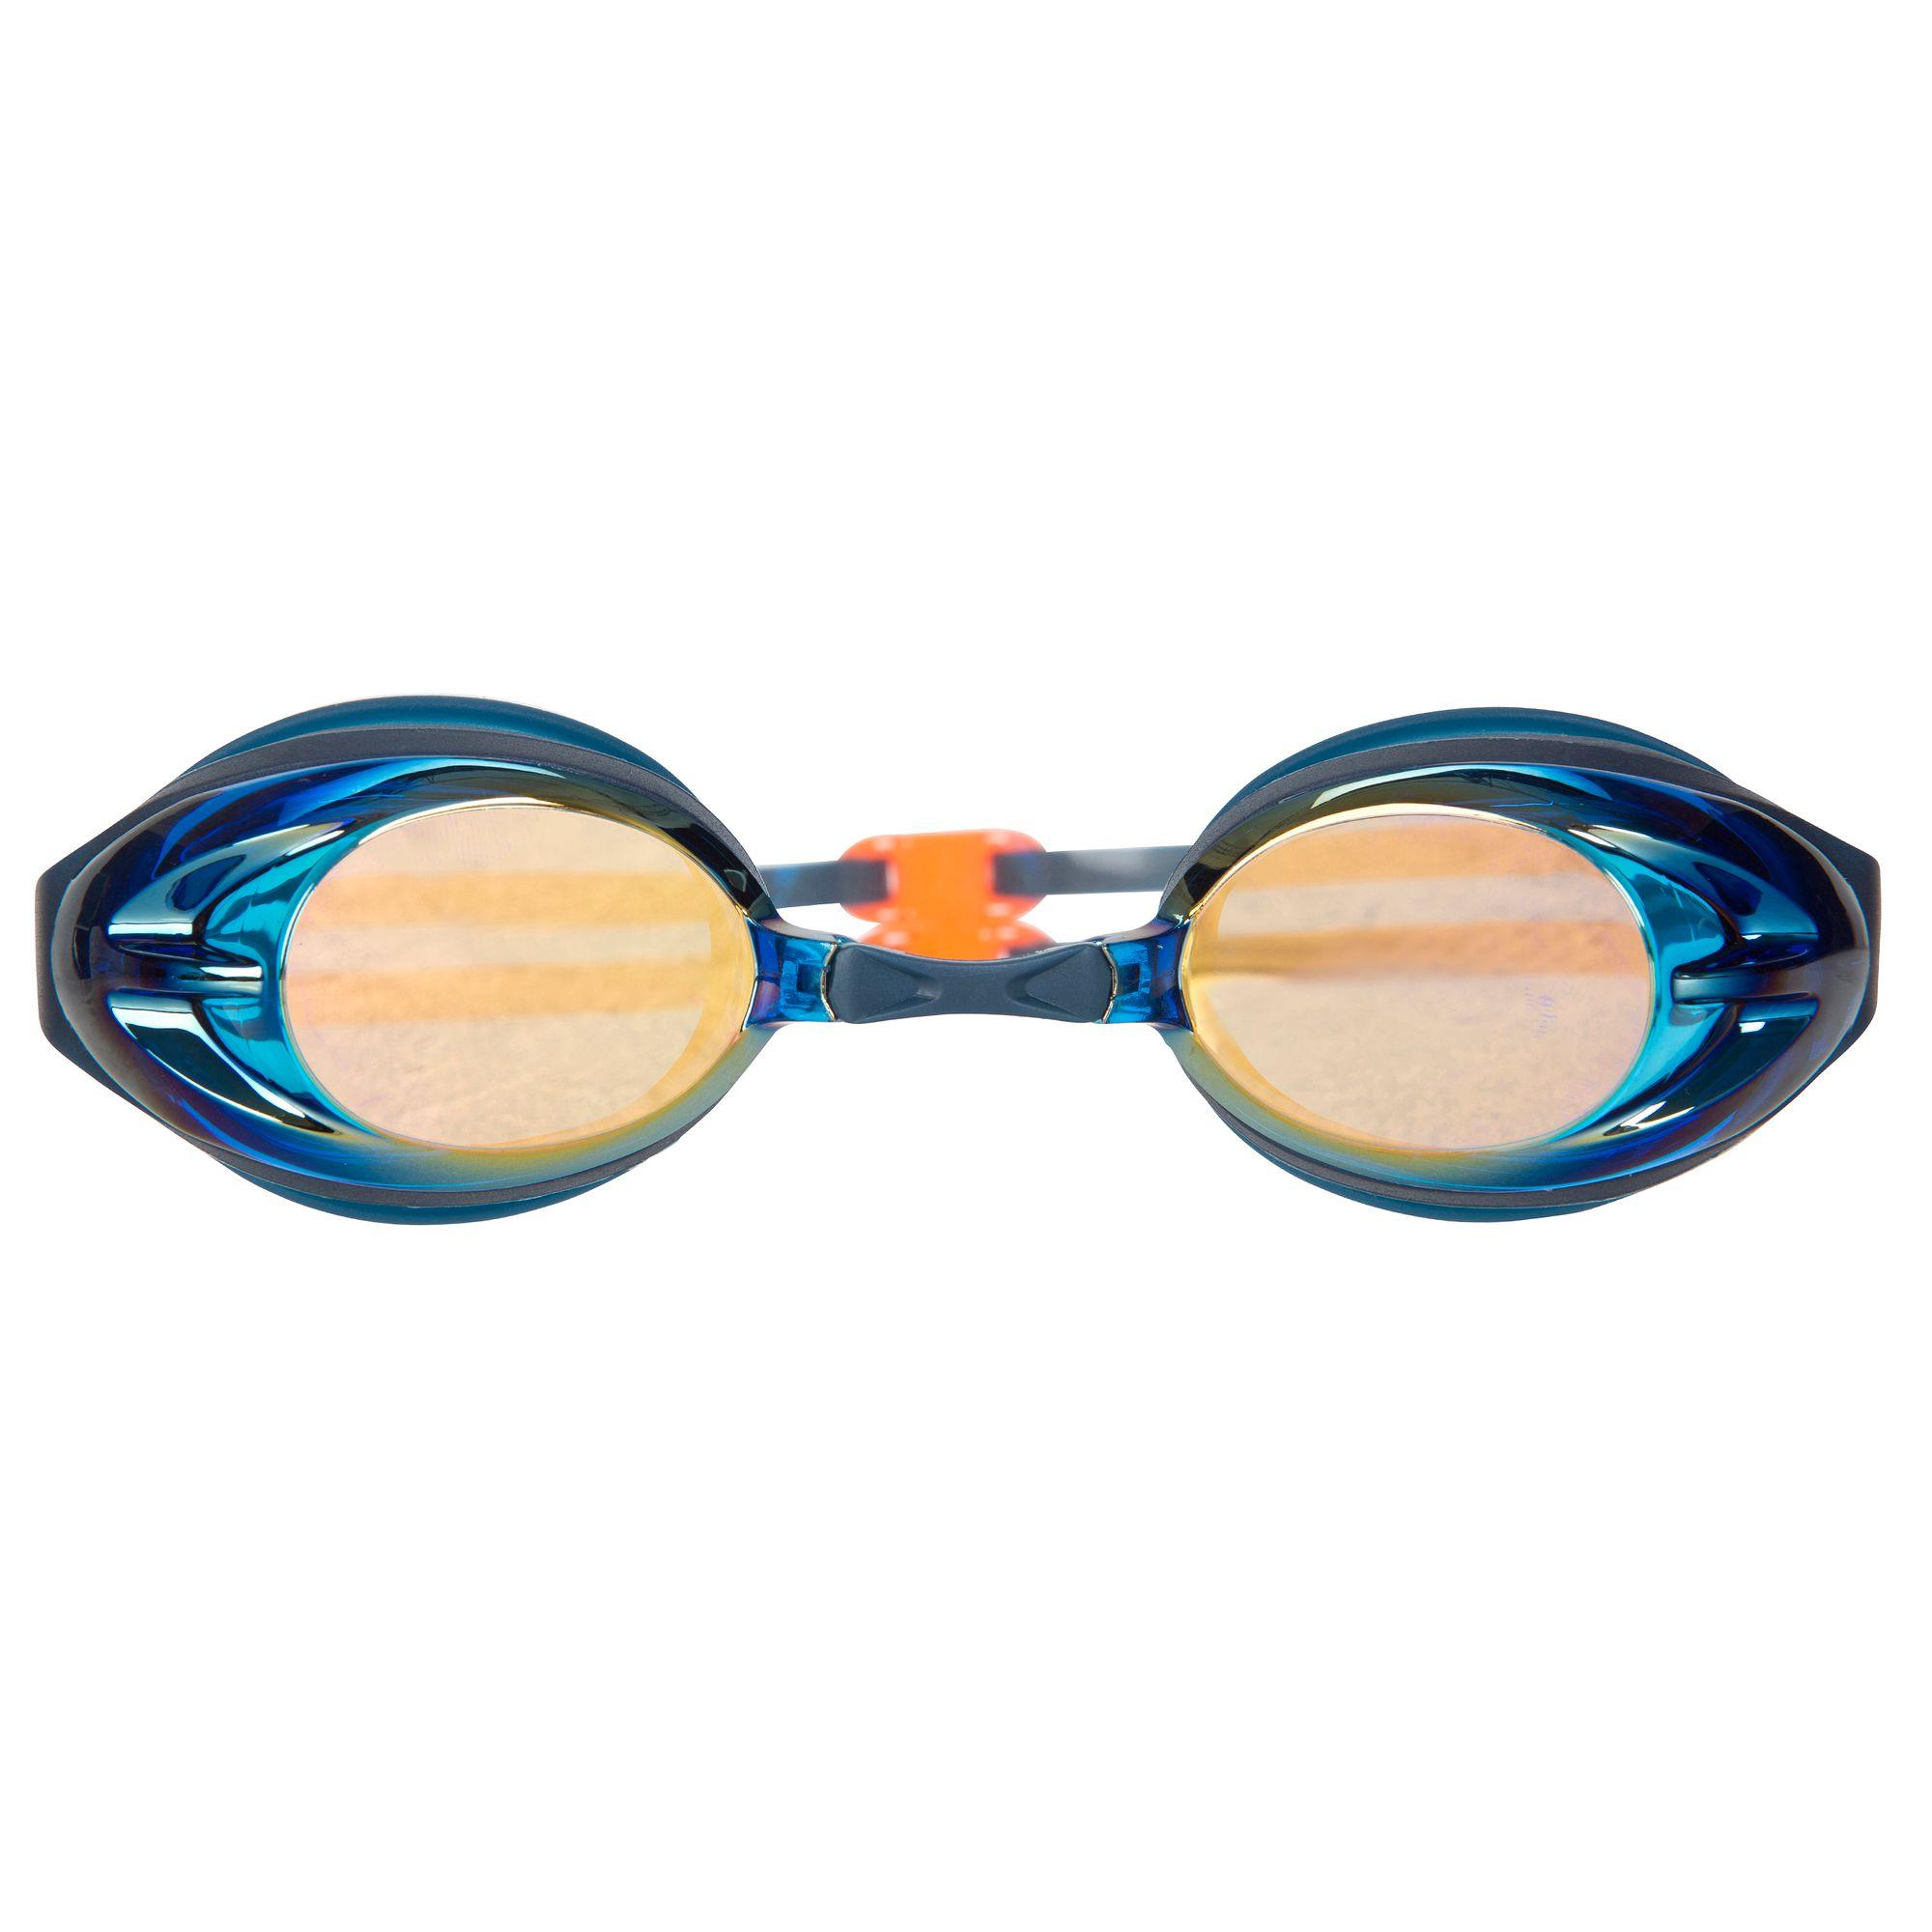 Lunettes de natation action miroir clubs collectivit s - Miroir en forme de lunette ...